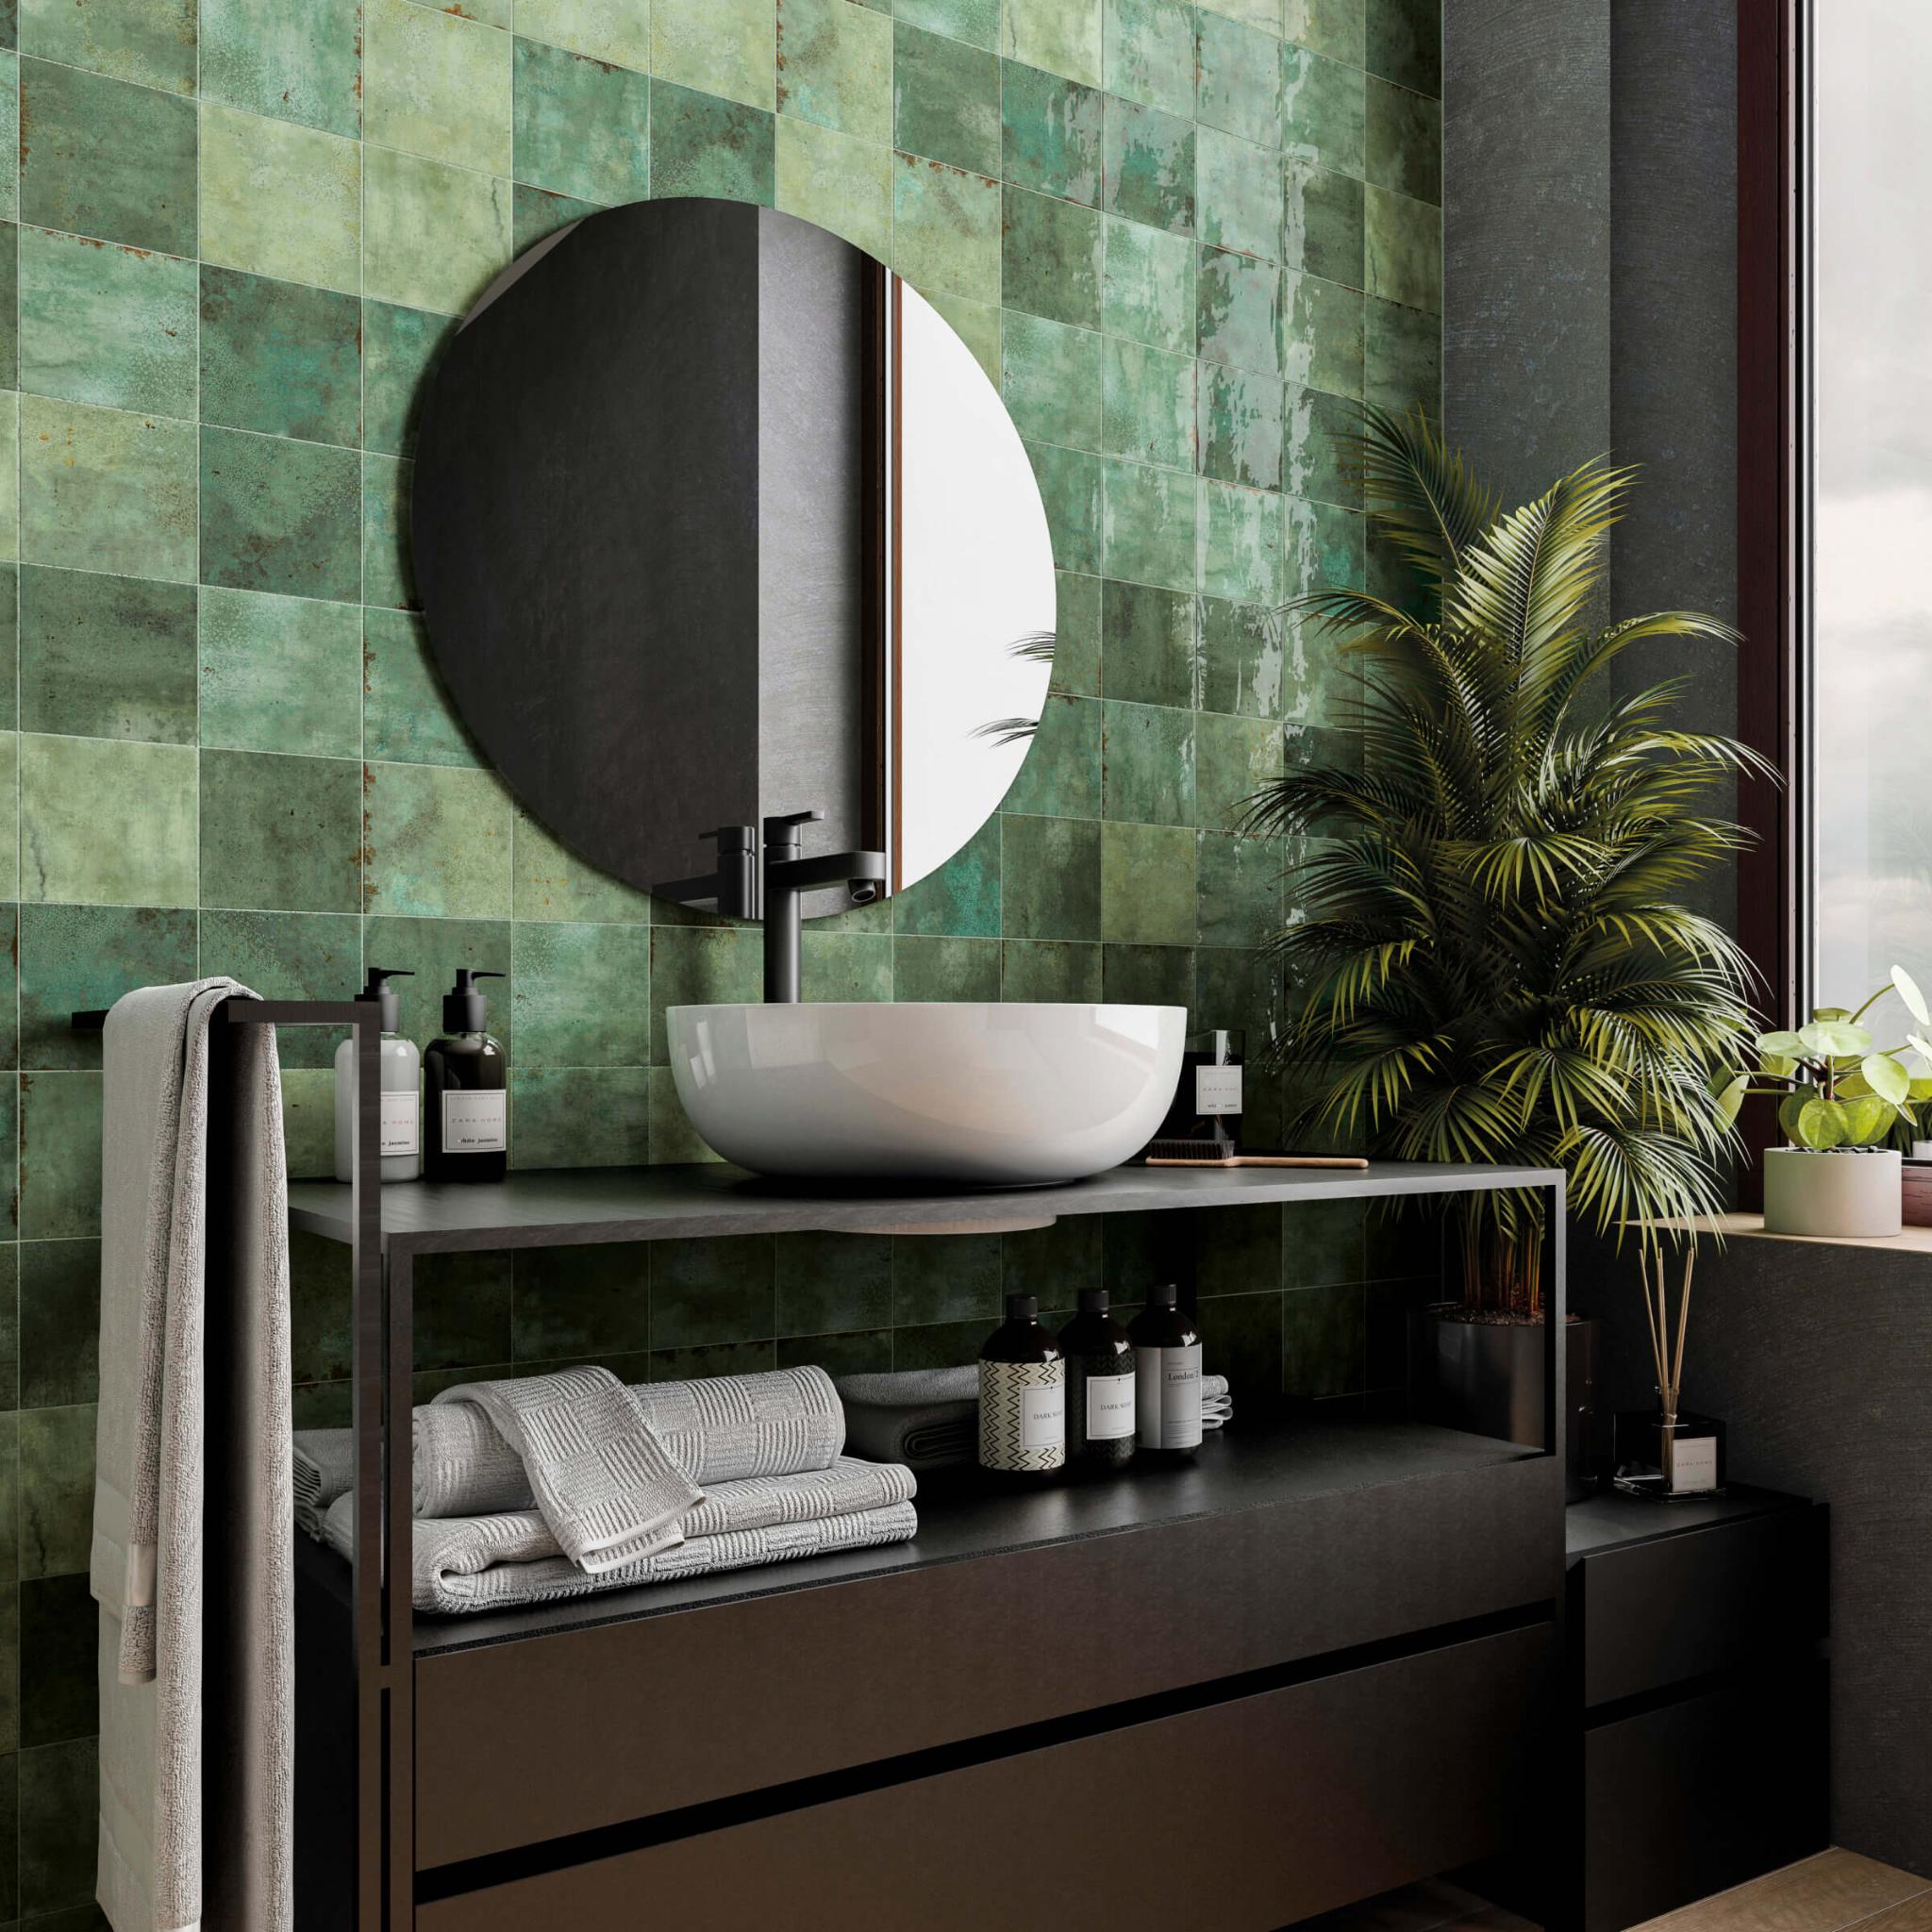 Bathroom with variegated green tile backsplash